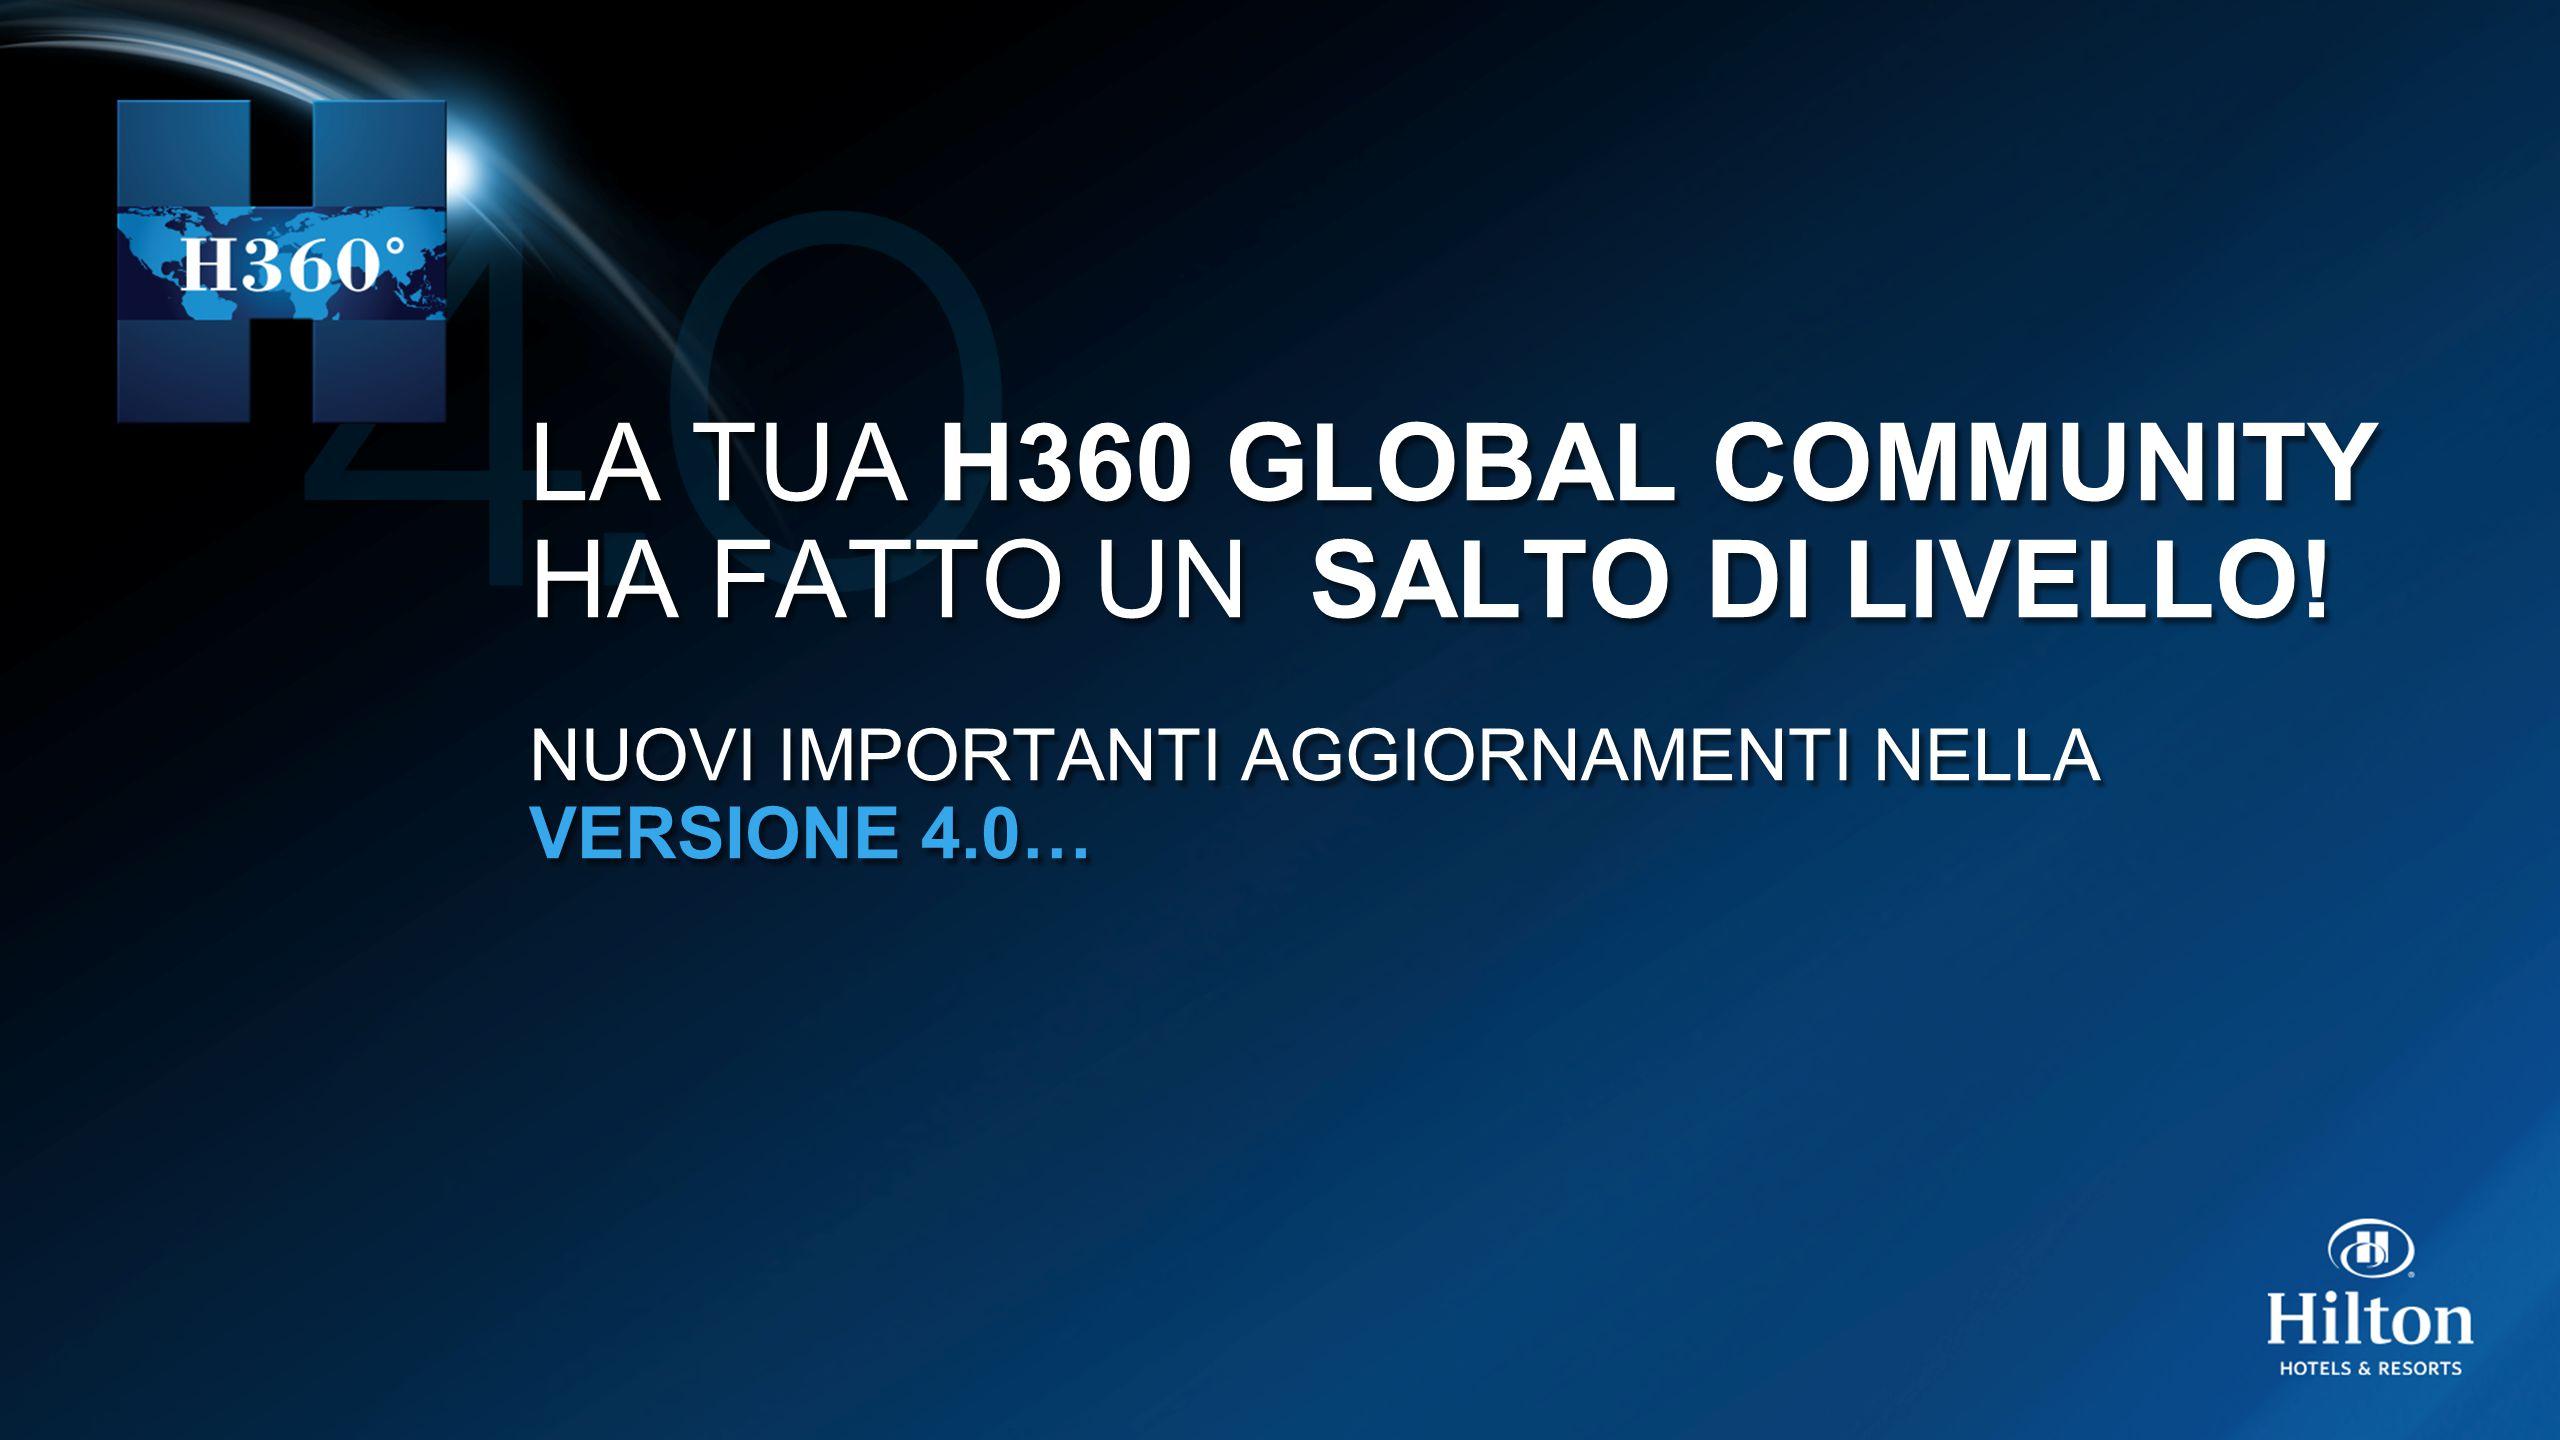 LA TUA H360 GLOBAL COMMUNITY HA FATTO UN SALTO DI LIVELLO! NUOVI IMPORTANTI AGGIORNAMENTI NELLA VERSIONE 4.0… LA TUA H360 GLOBAL COMMUNITY HA FATTO UN